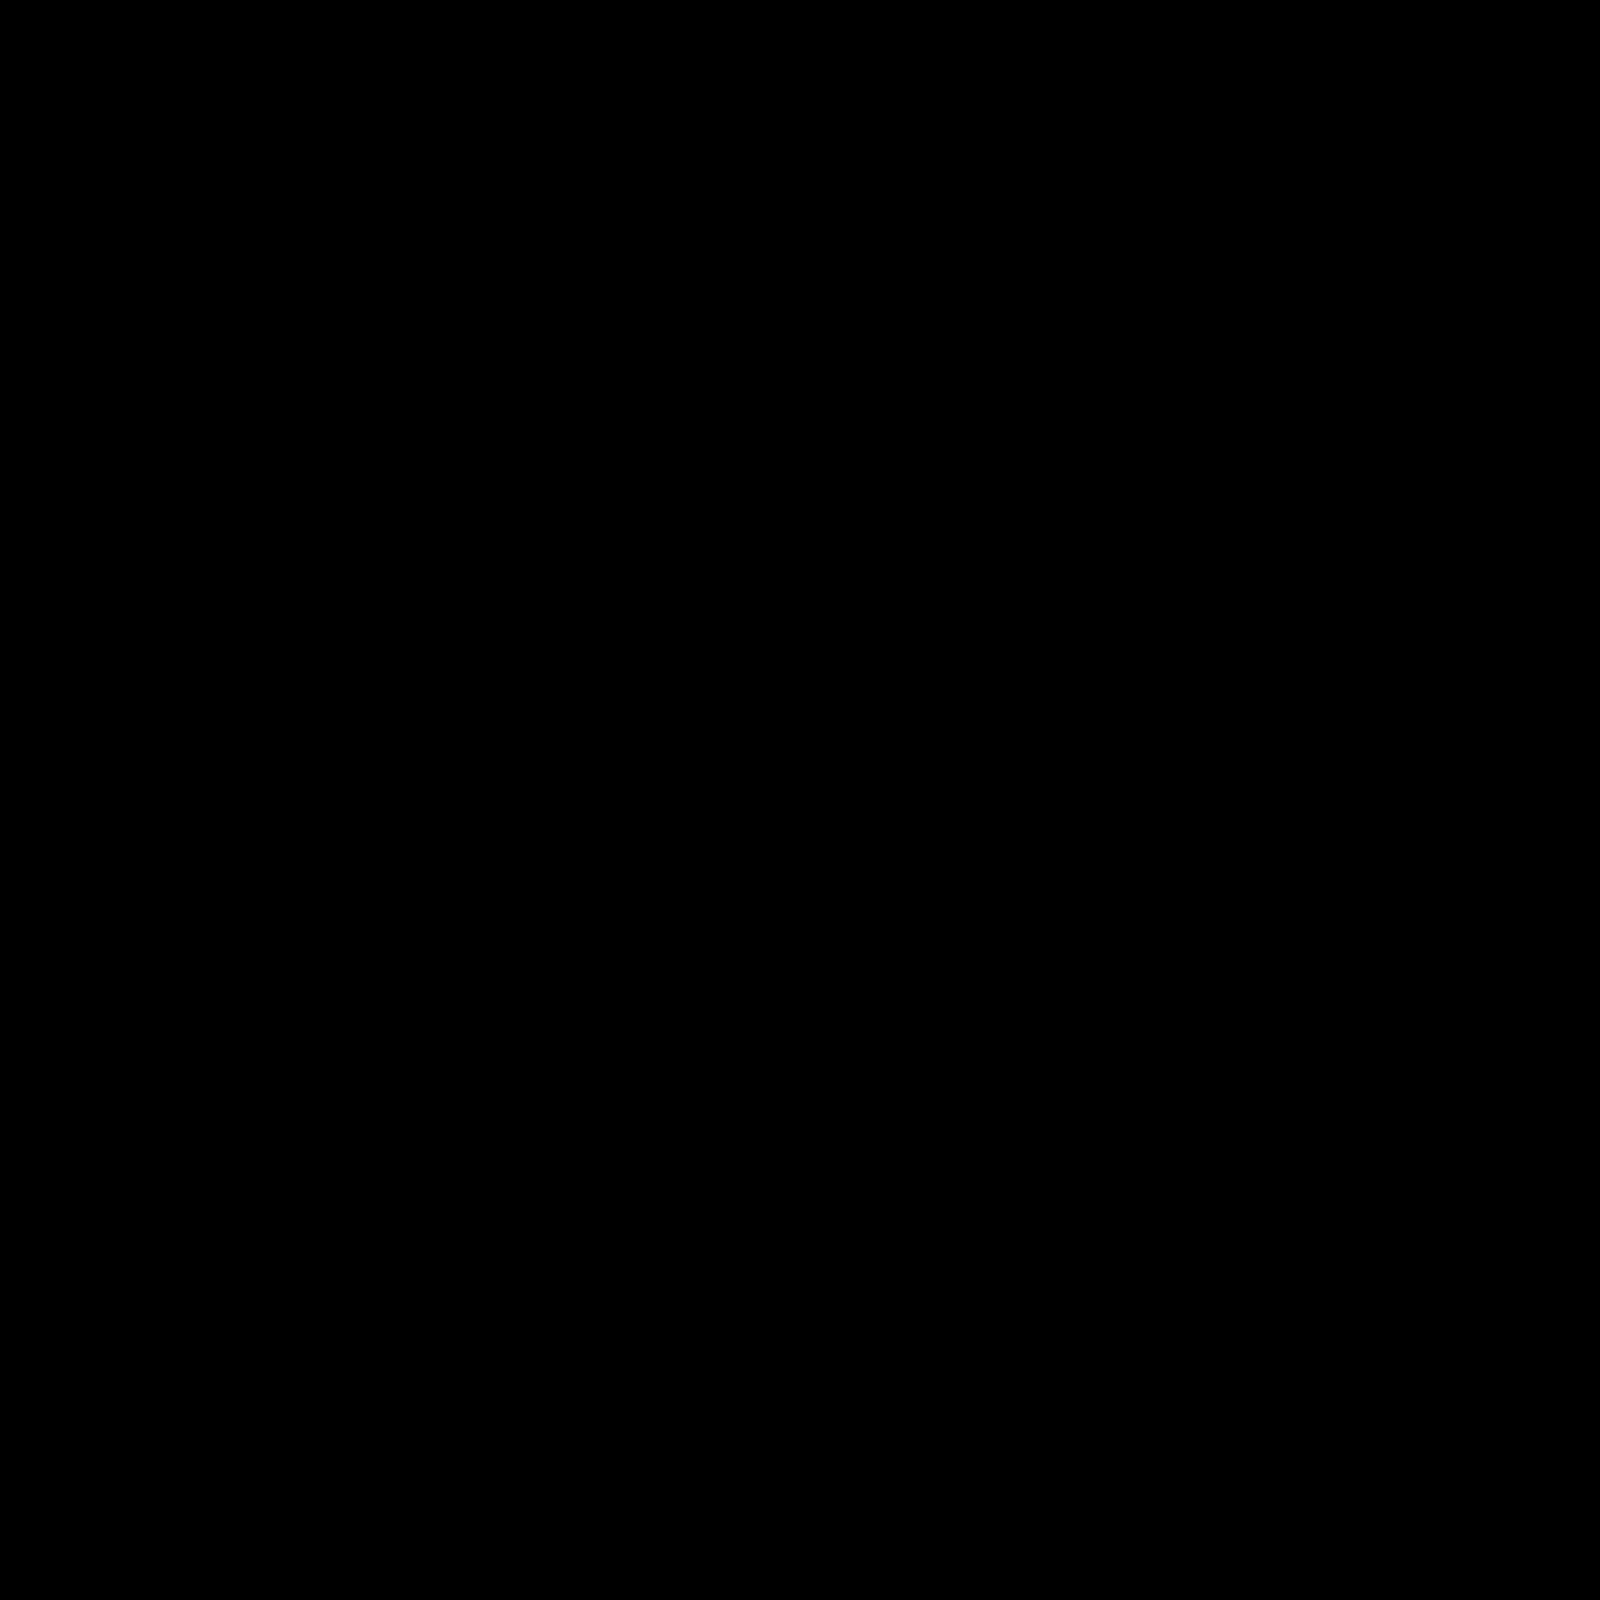 Soda Cup icon